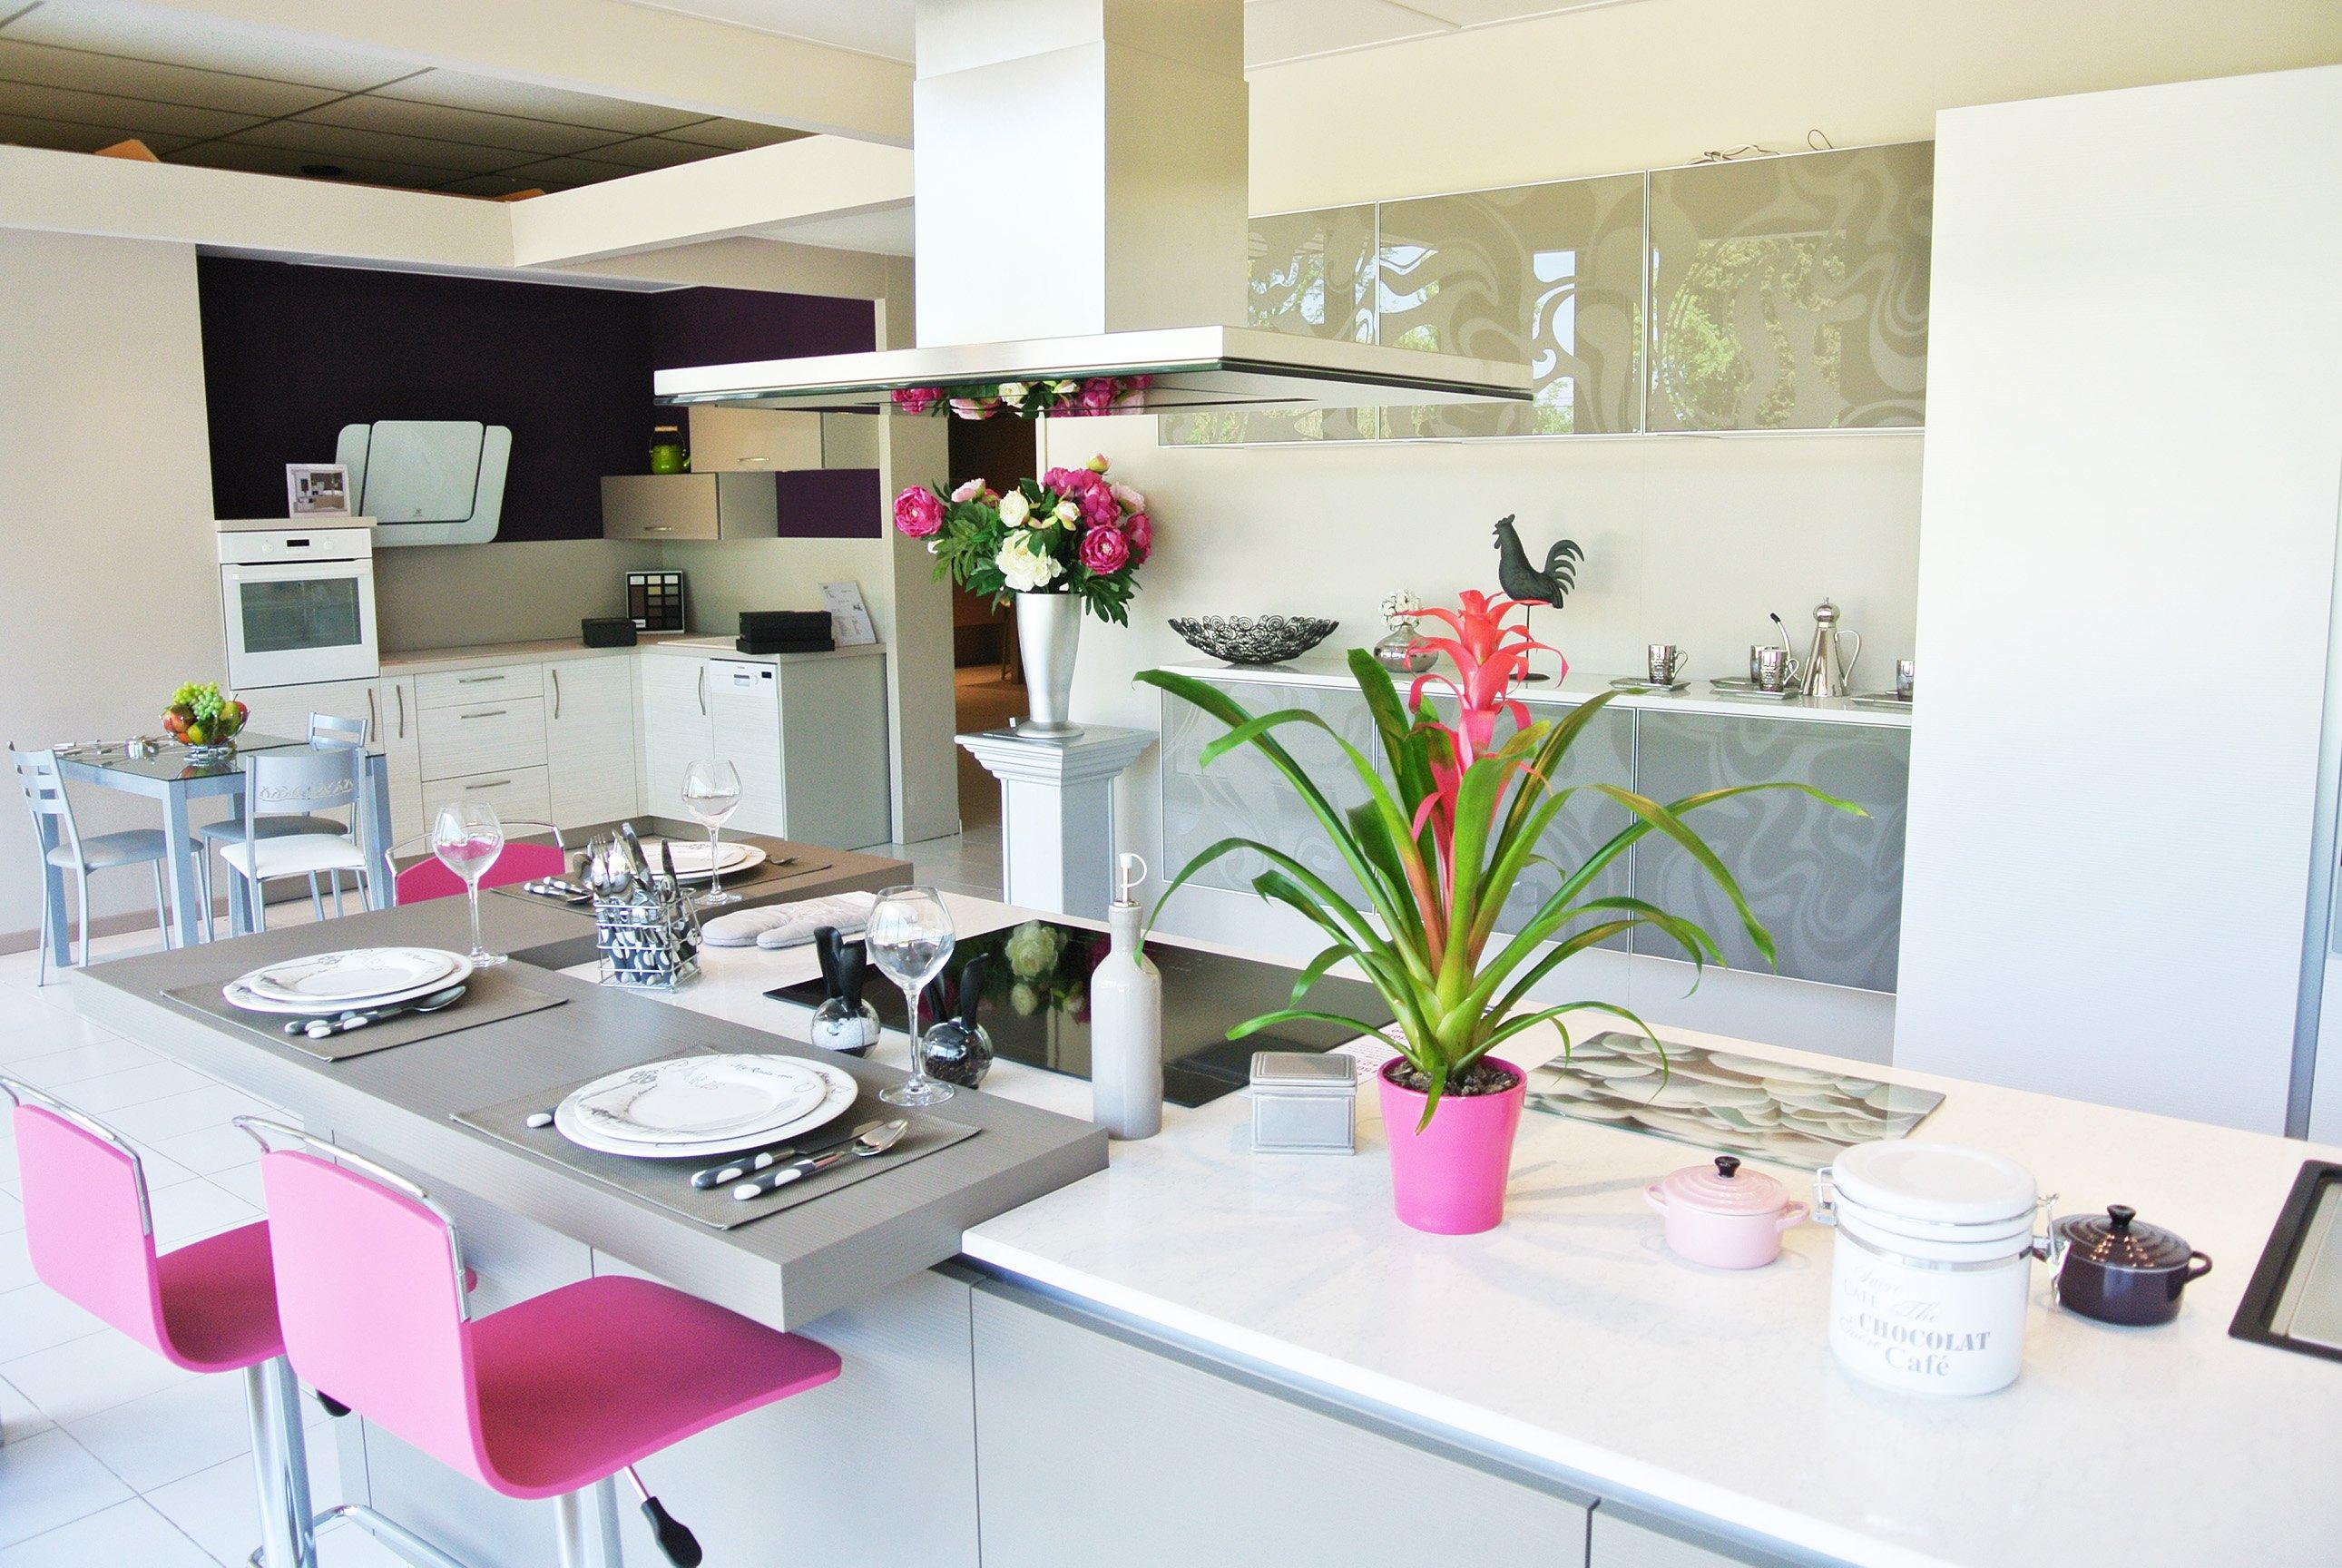 sani cuisine cr ateur de cuisines et salles de bains. Black Bedroom Furniture Sets. Home Design Ideas